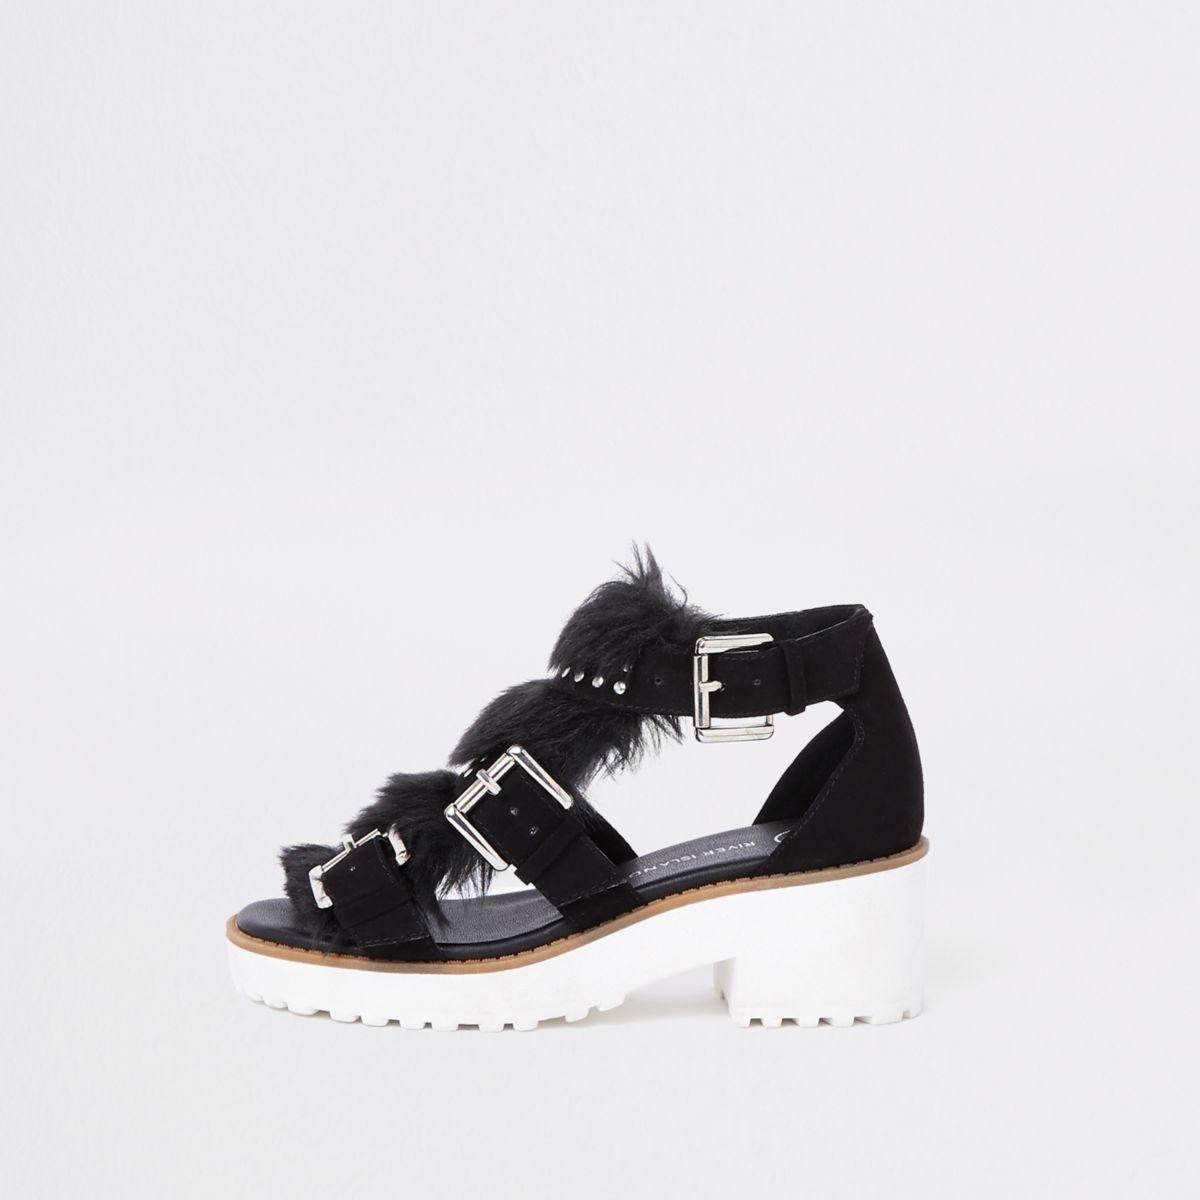 Sandales épaisses noires à fourrure et clous pour fille